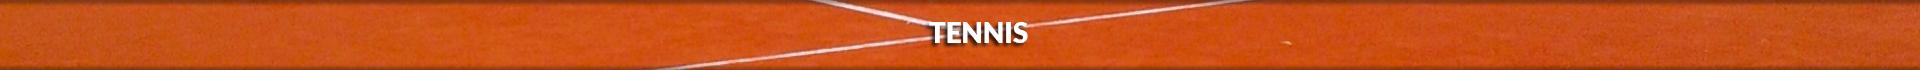 tennis_de